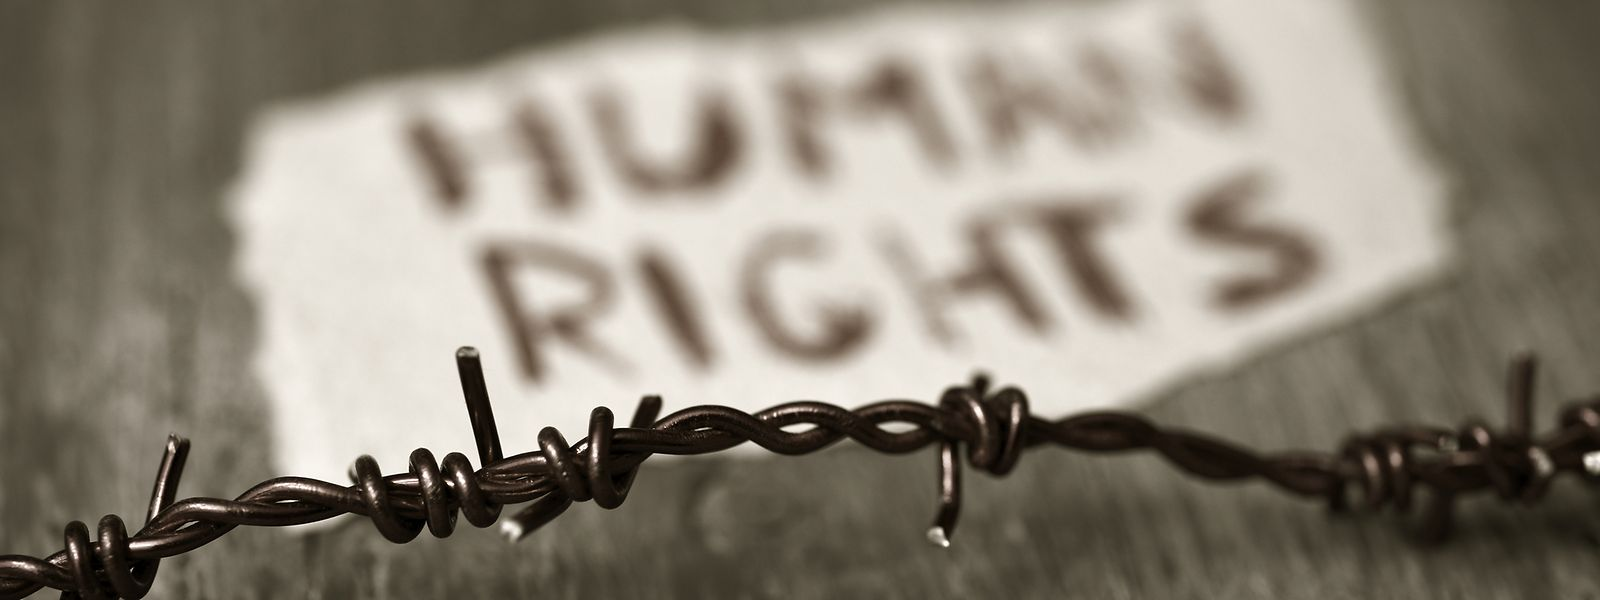 Mit ihrer Analyse wollte die Menschenrechtskommission eine Makroperspektive auf die Menschenrechte im Koalitionsabkommen schaffen, so Gilbert Pregno.